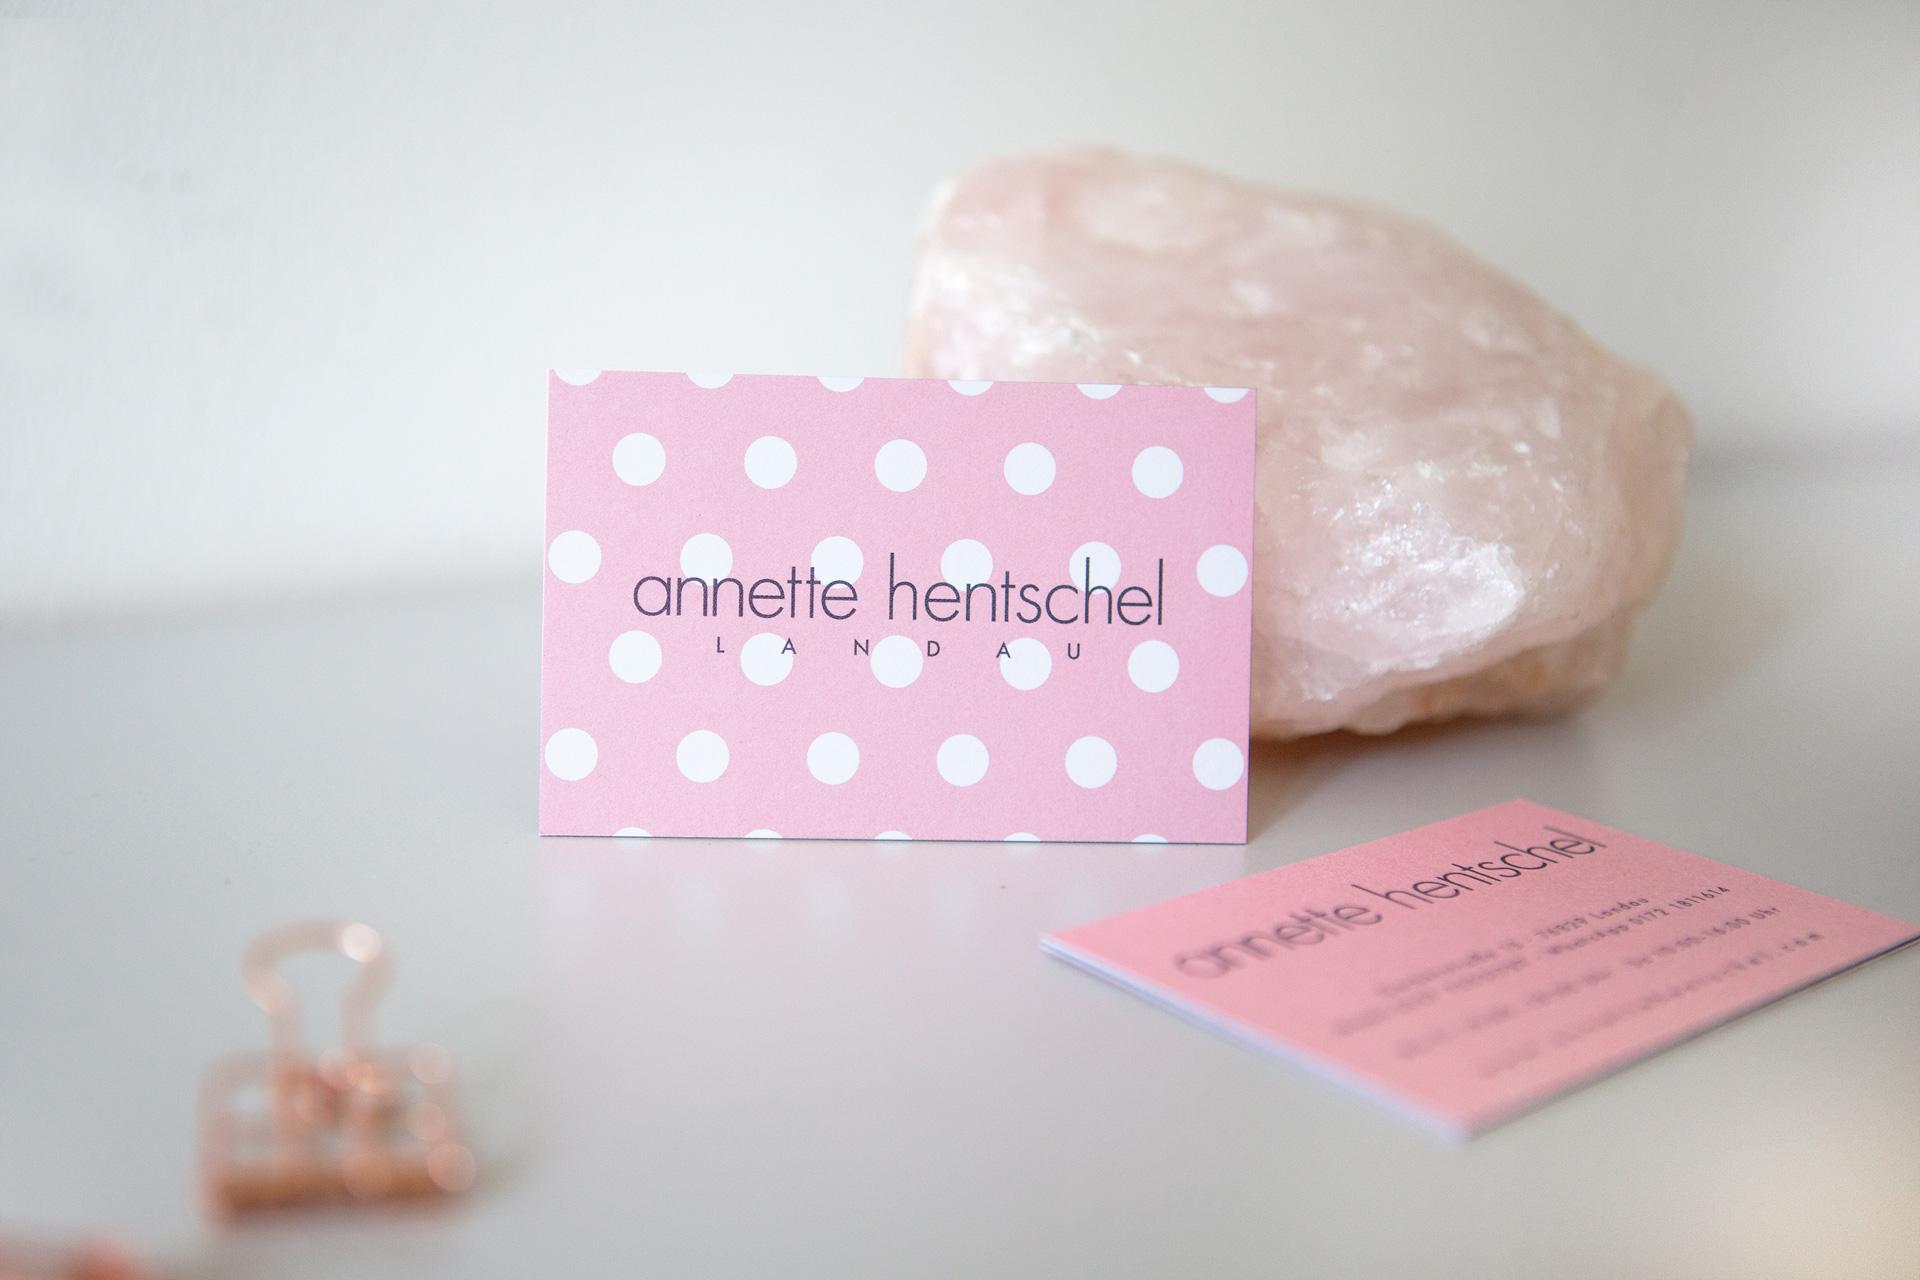 Sabath Media Werbeagentur - Annette Hentschel – Geschäftsausstattung - Referenzbild 1